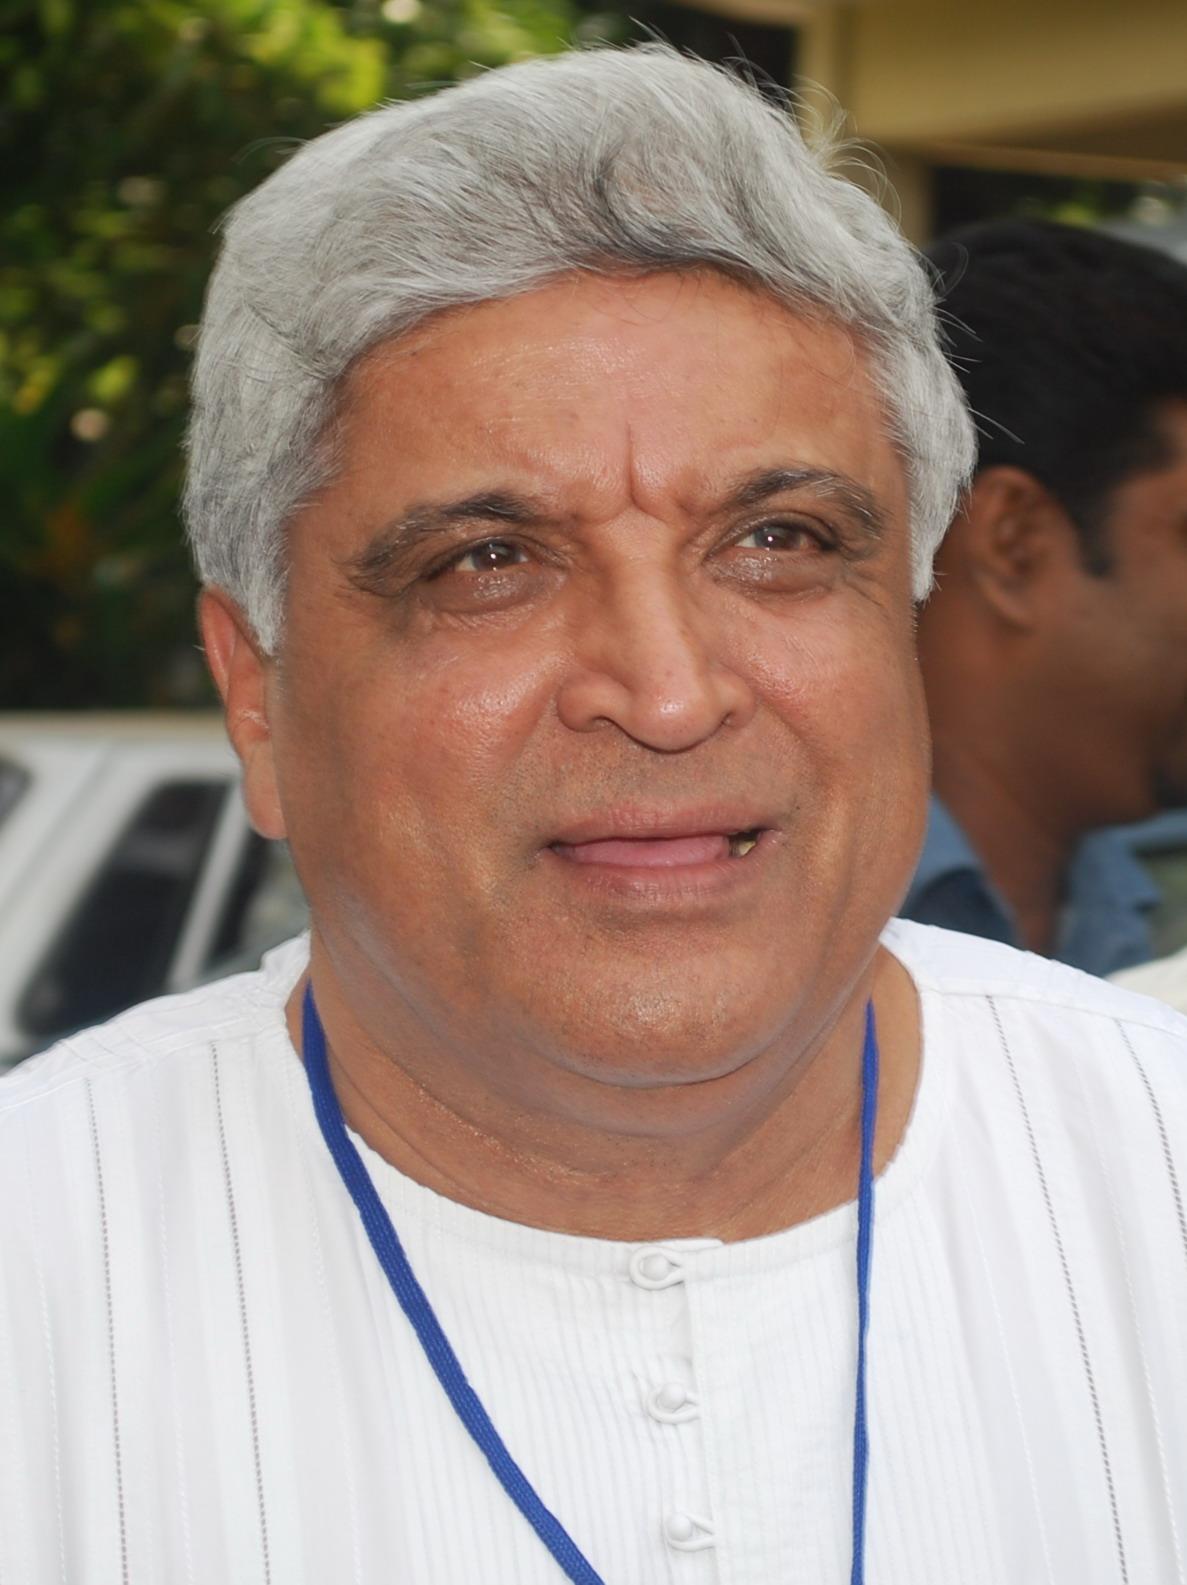 Javed Akhtar - Wikipedia